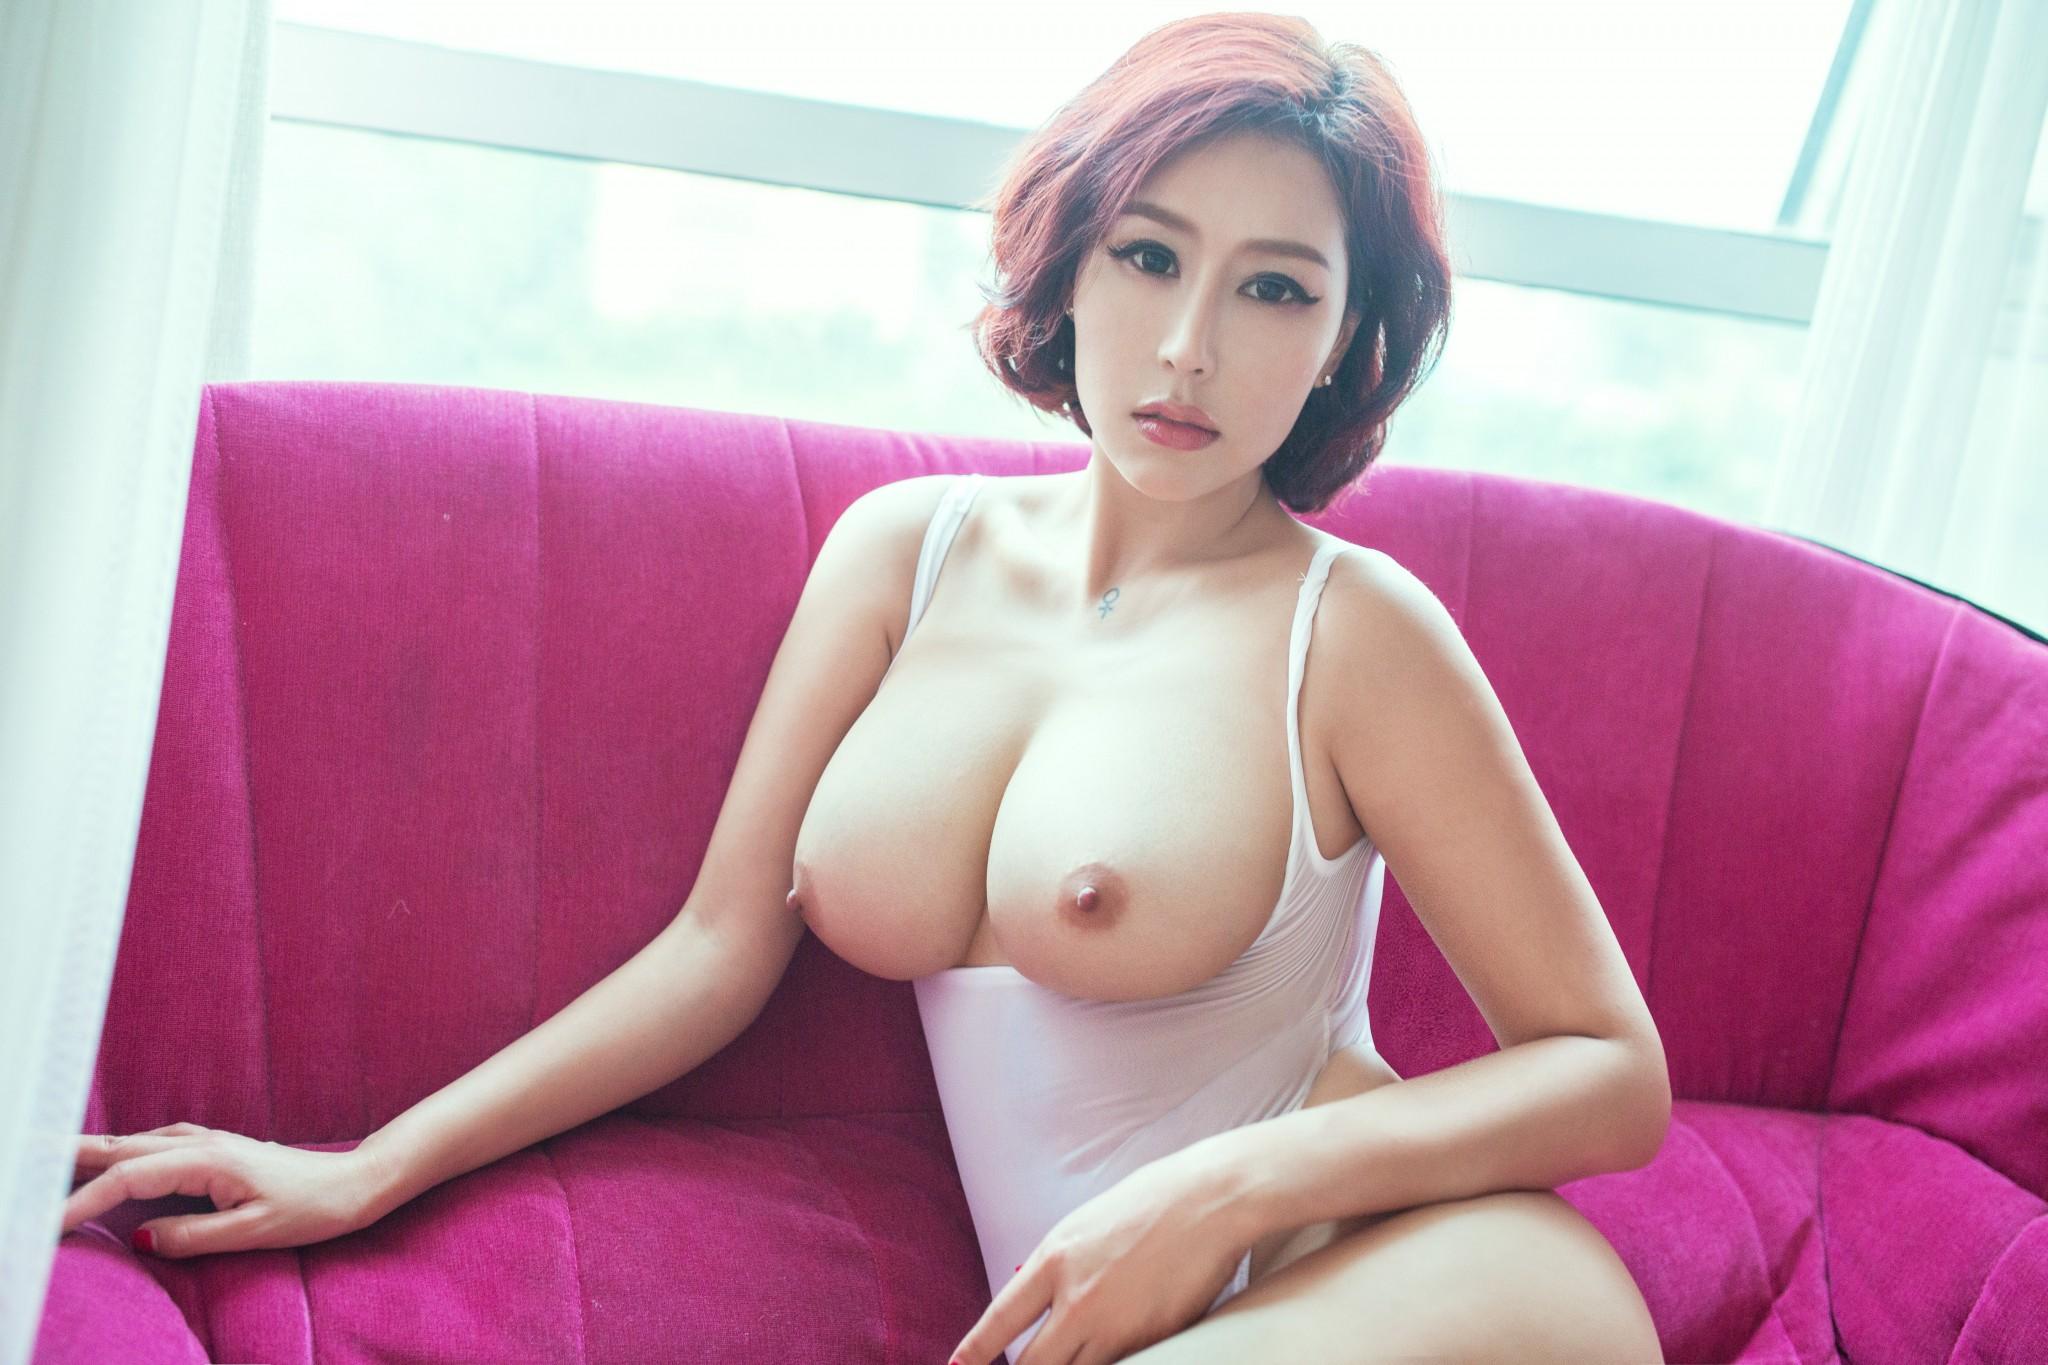 asian hot nude girl xinh